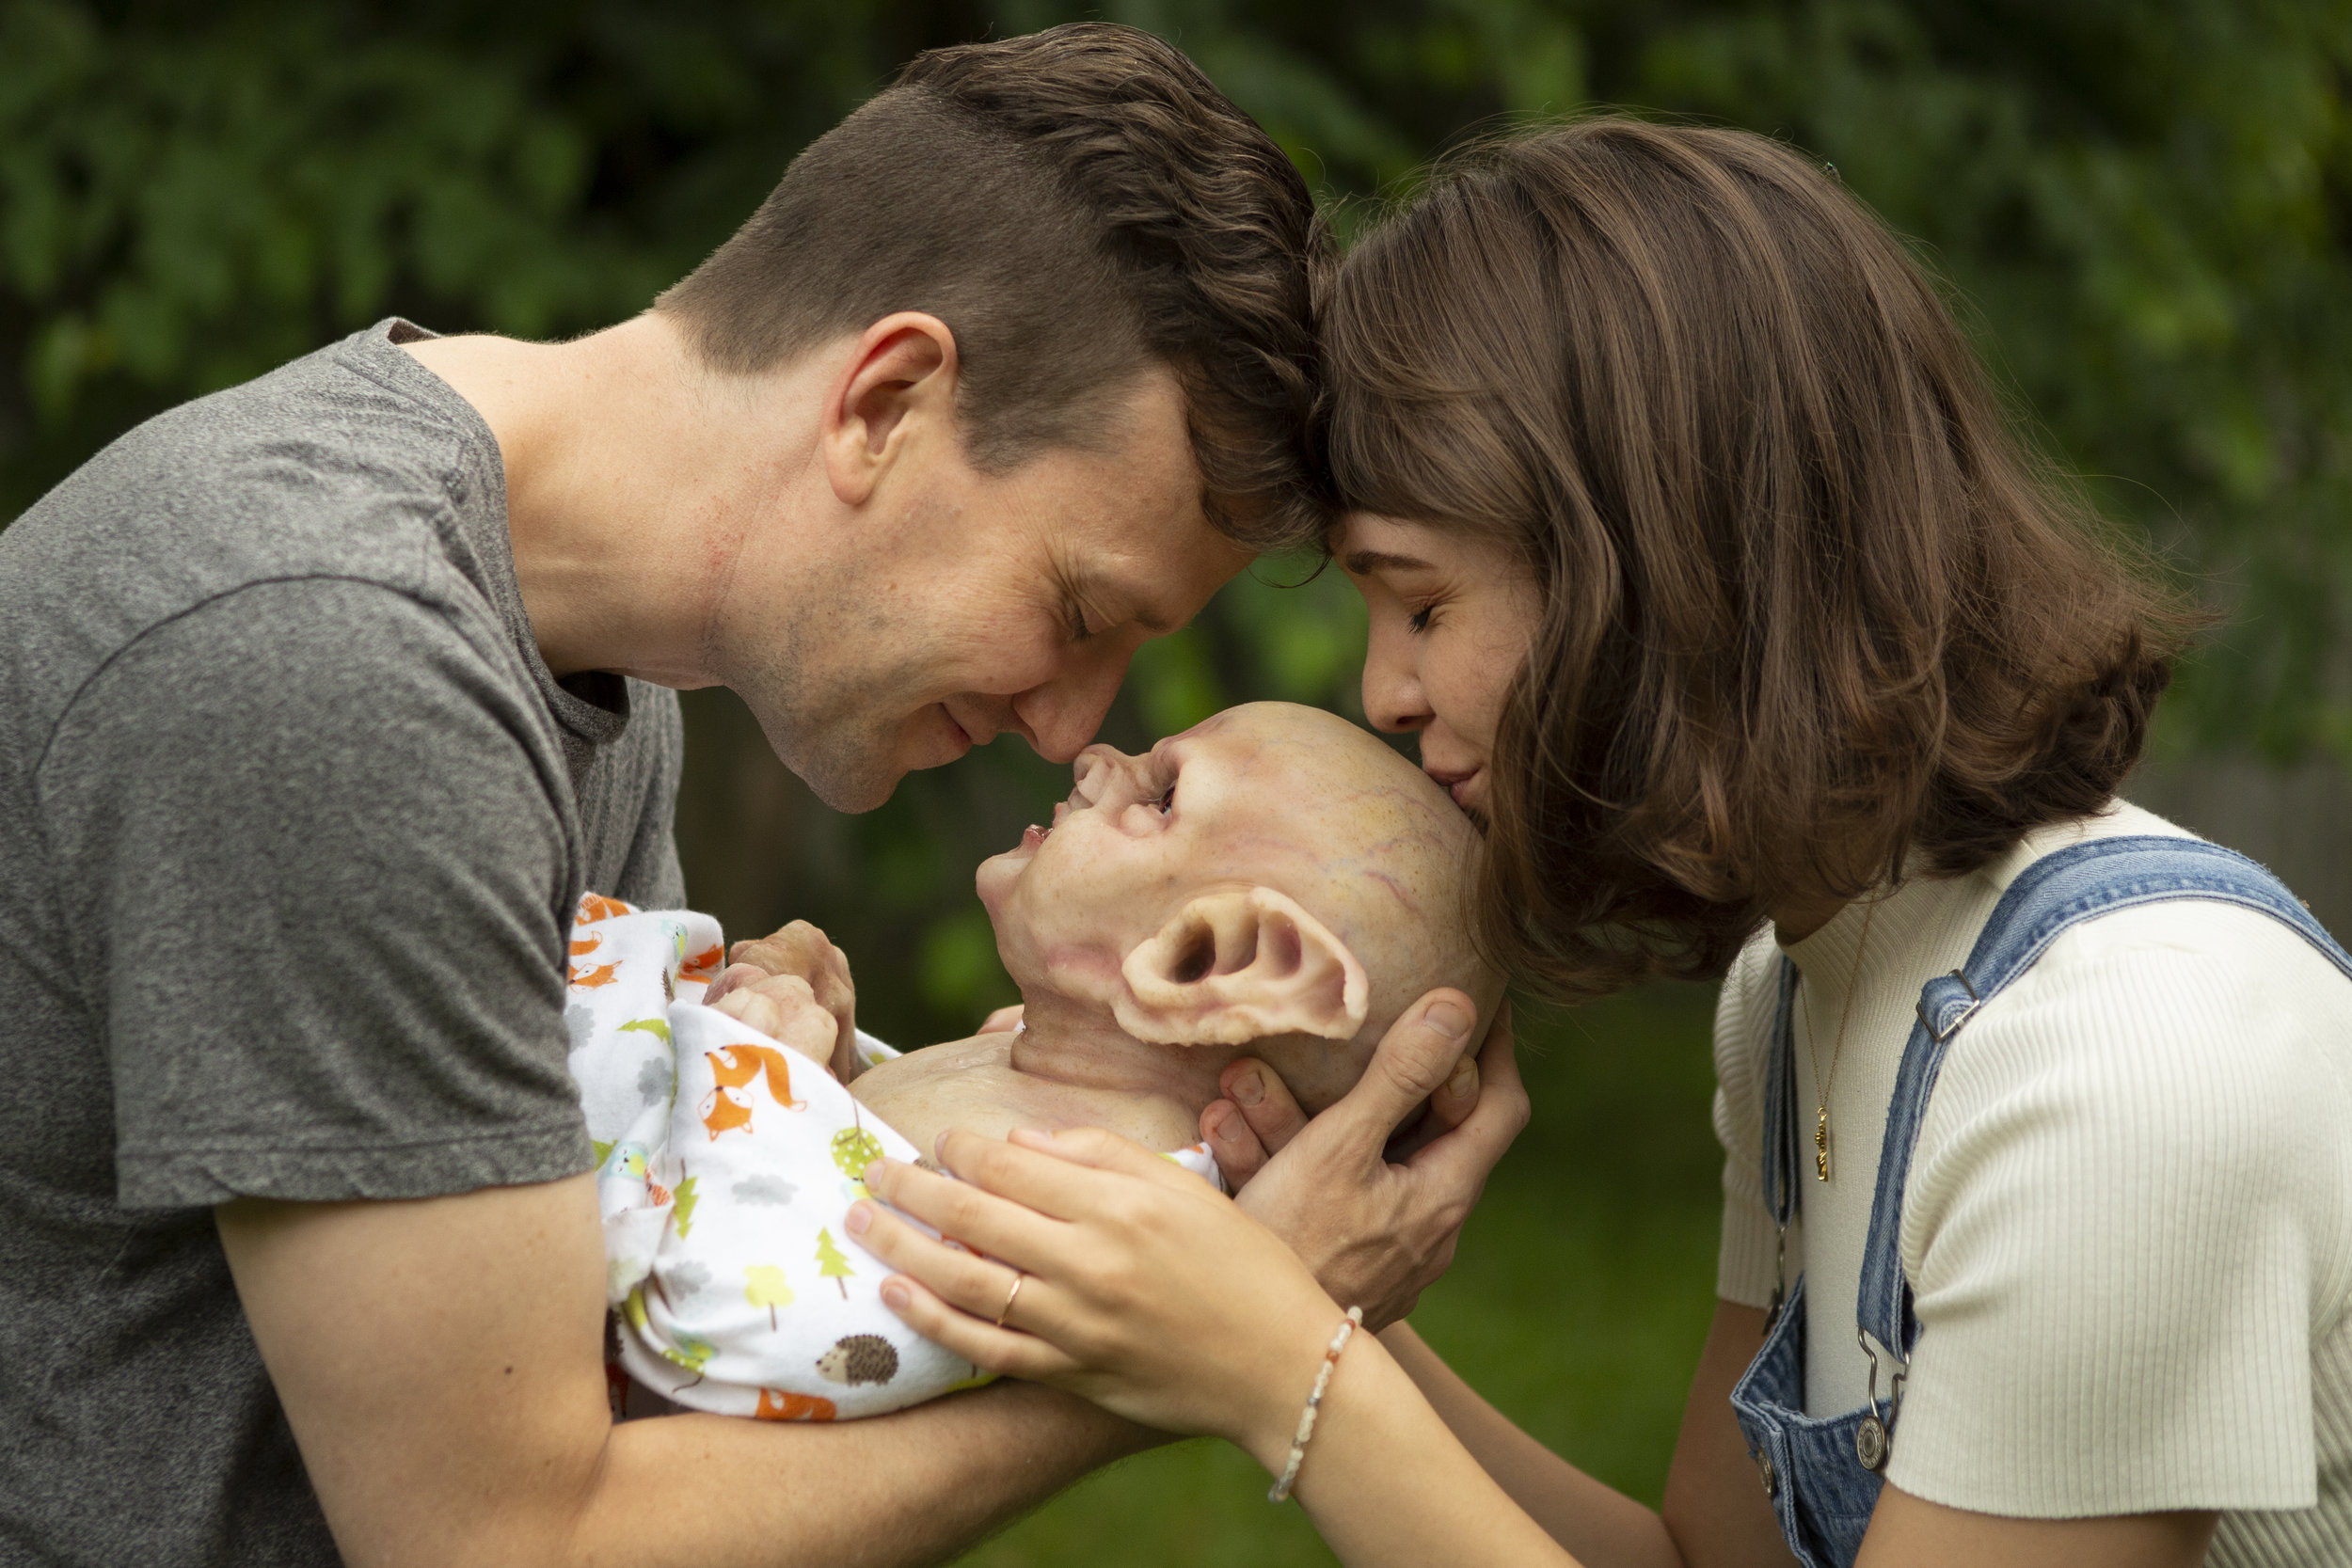 Family | Newborn Vampire  | Newborn photoshoot | Ravendark Creations Vampire Baby | Newborn Photoshoots | Alyssia Booth's Candid & Studio | www.abcandidstudio.com